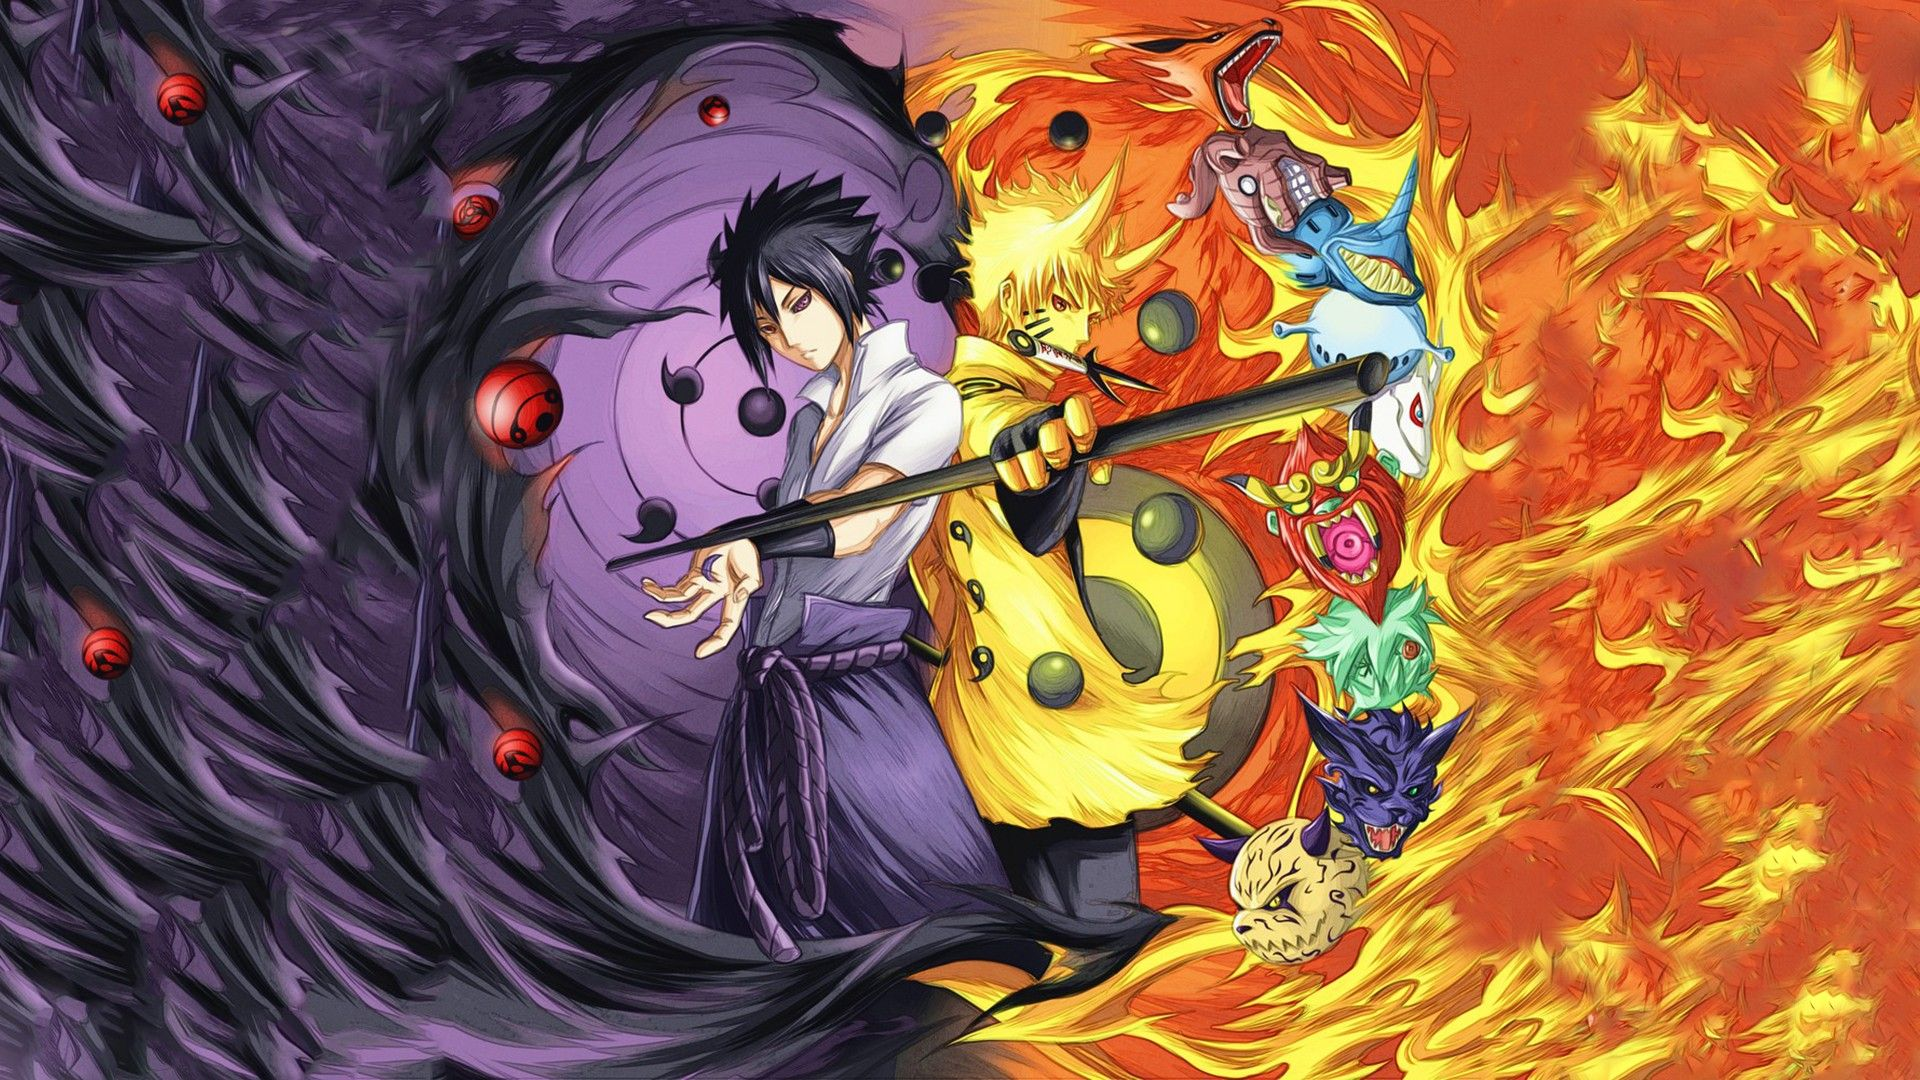 Anime 1920x1080 Naruto Shippuuden Uzumaki Naruto Uchiha Sasuke